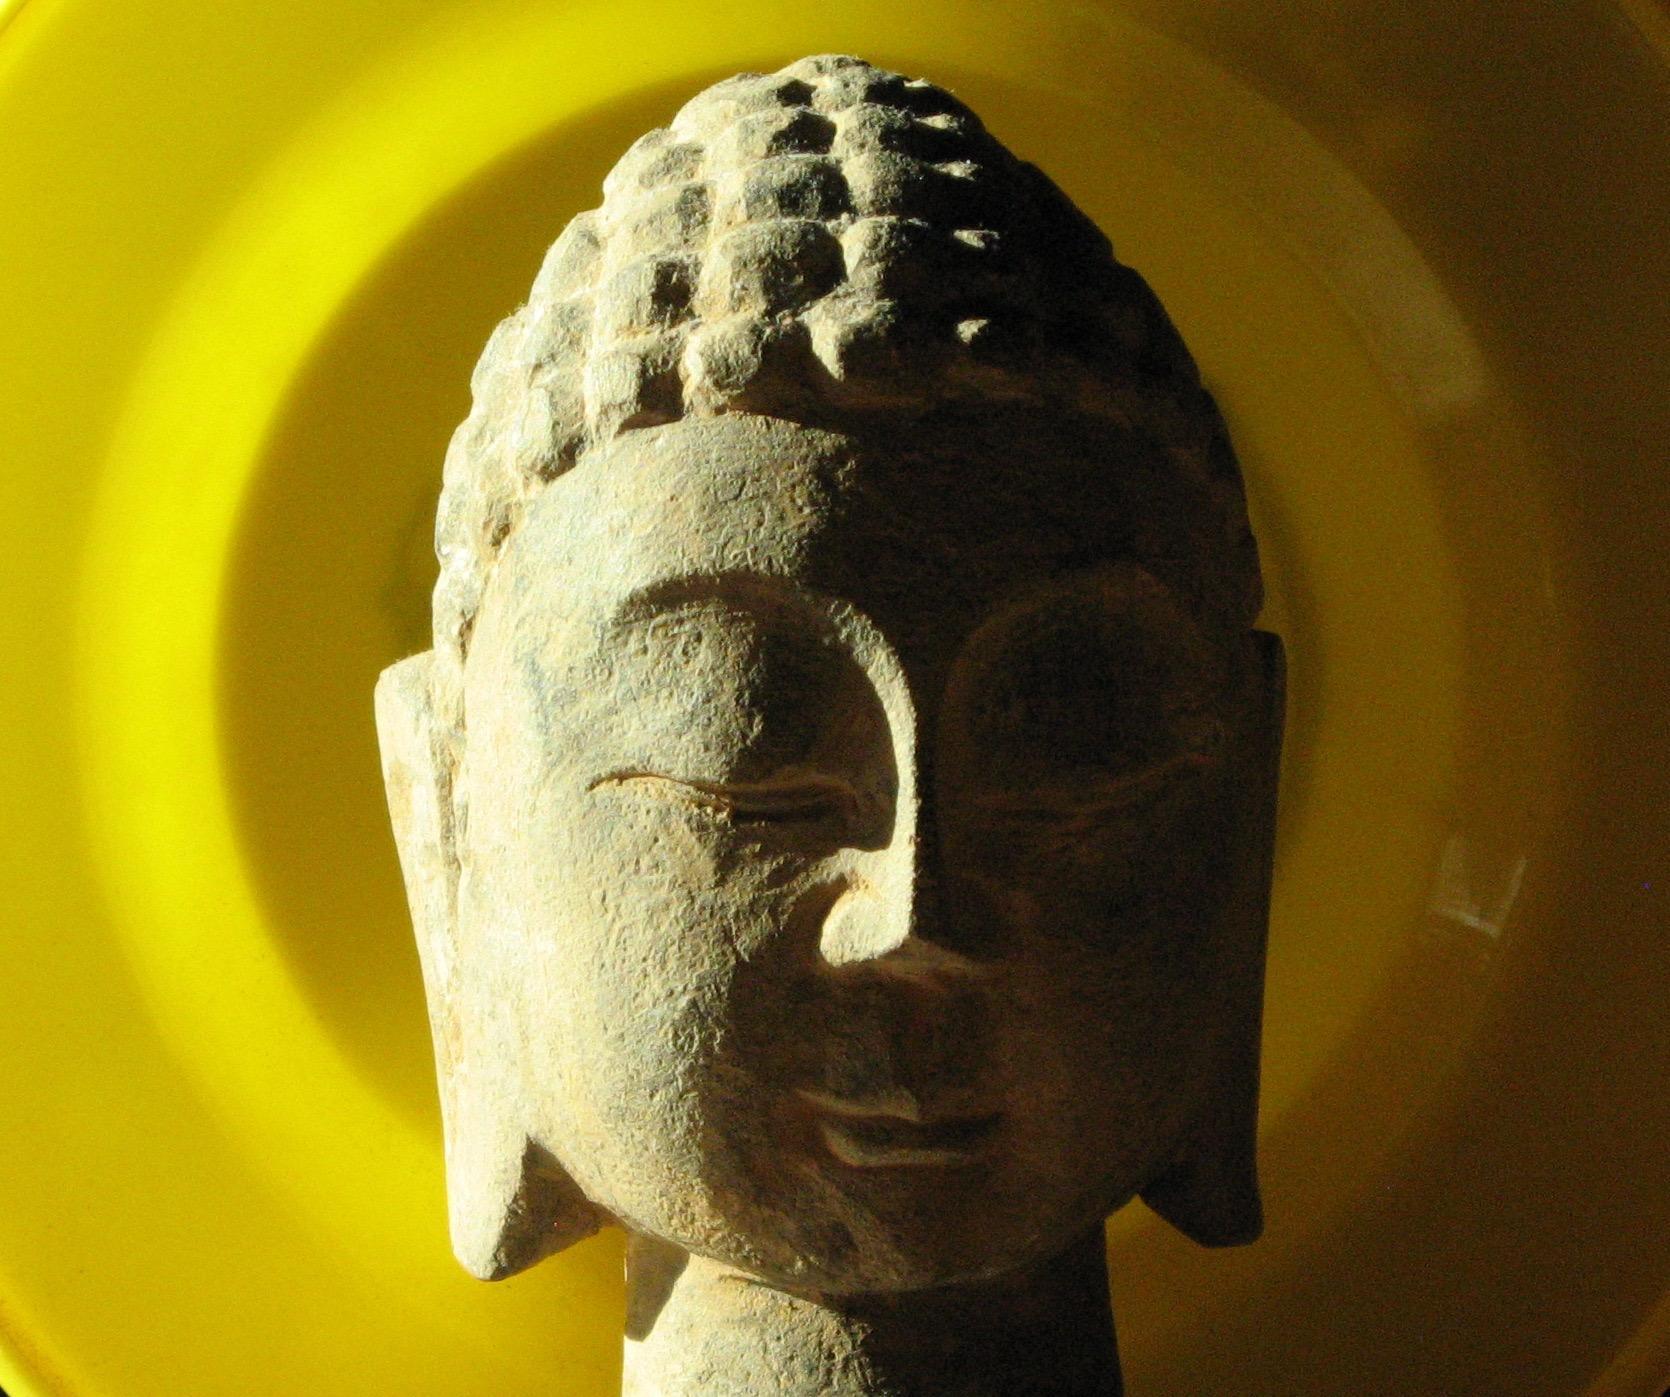 Buddha In A Halo / Buddha In Der Glorie